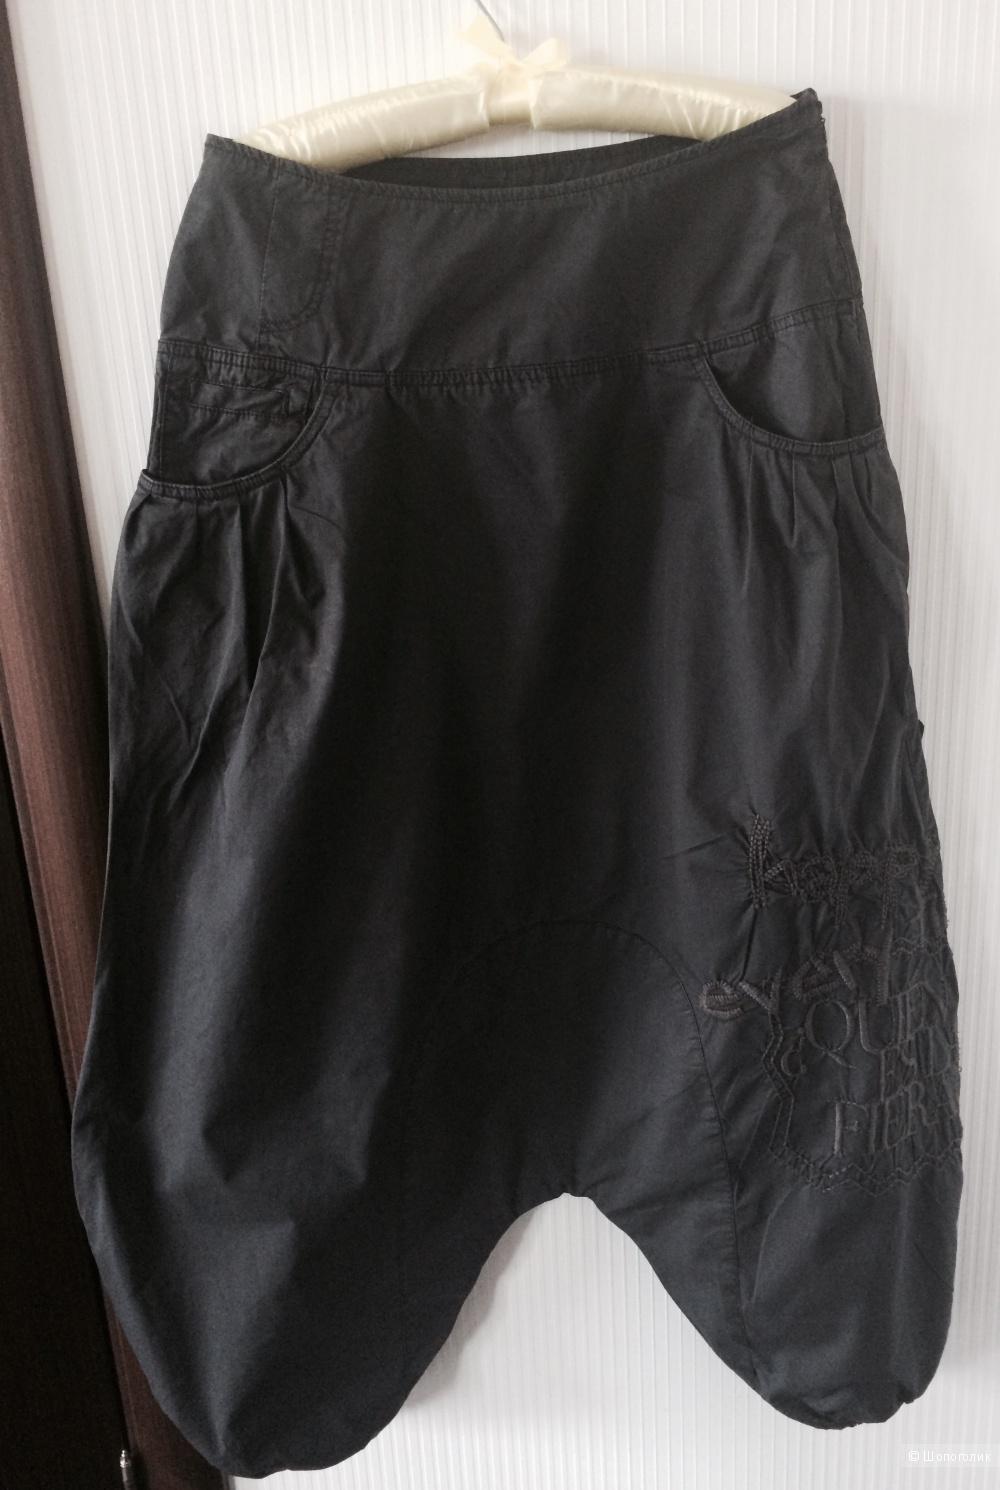 Disigual брюки-шаровары, брюки-юбка или брюки с сильно заниженной проймой. 44-46